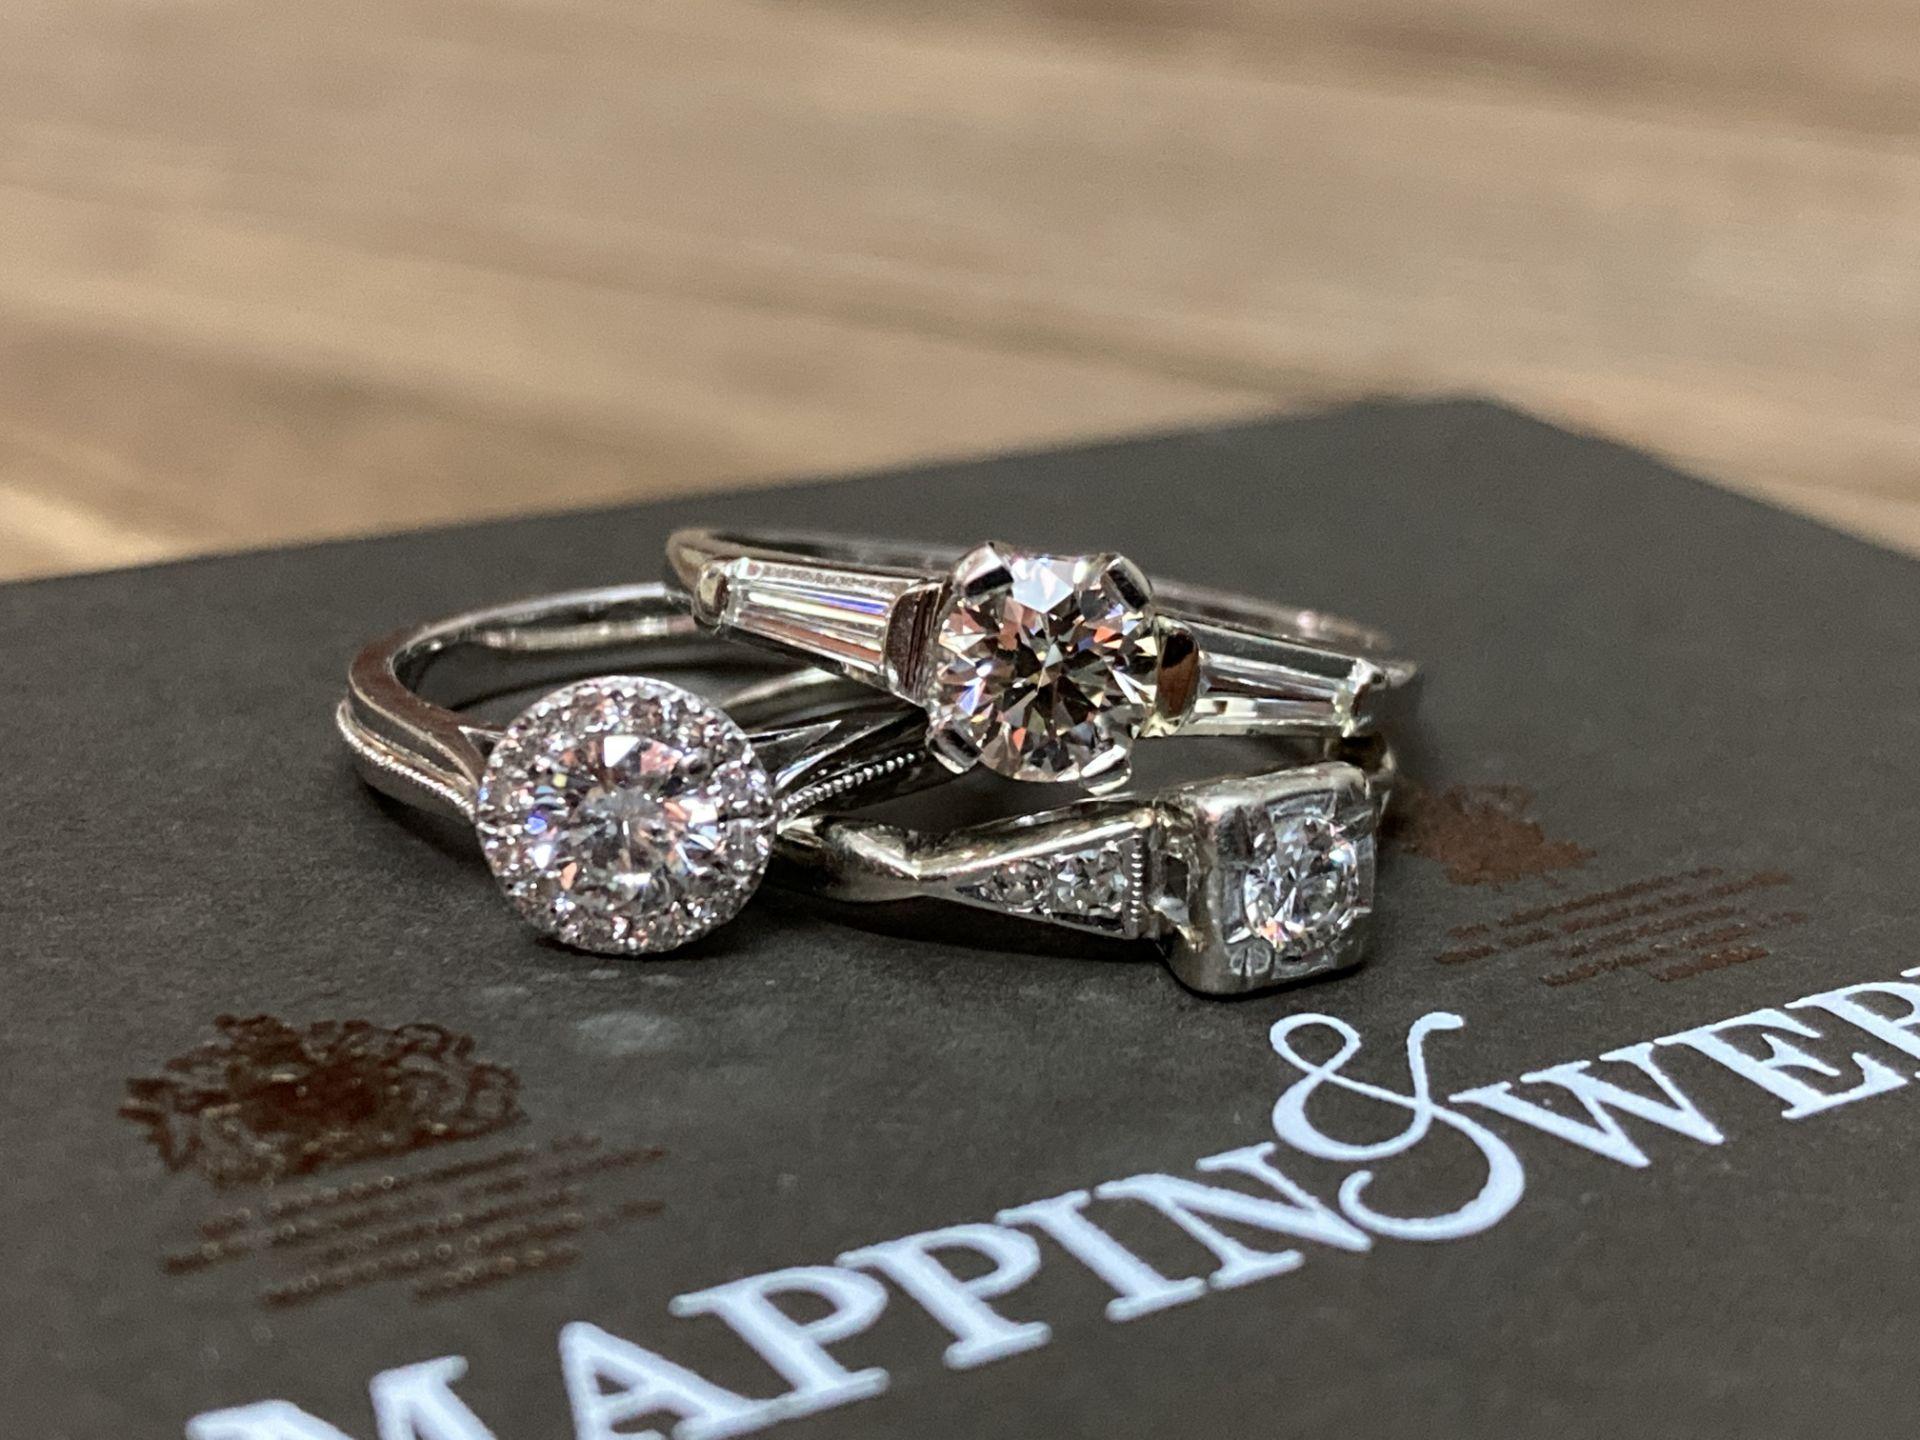 BEAUTIFUL TRIO OF DIAMOND RINGS - Image 4 of 6